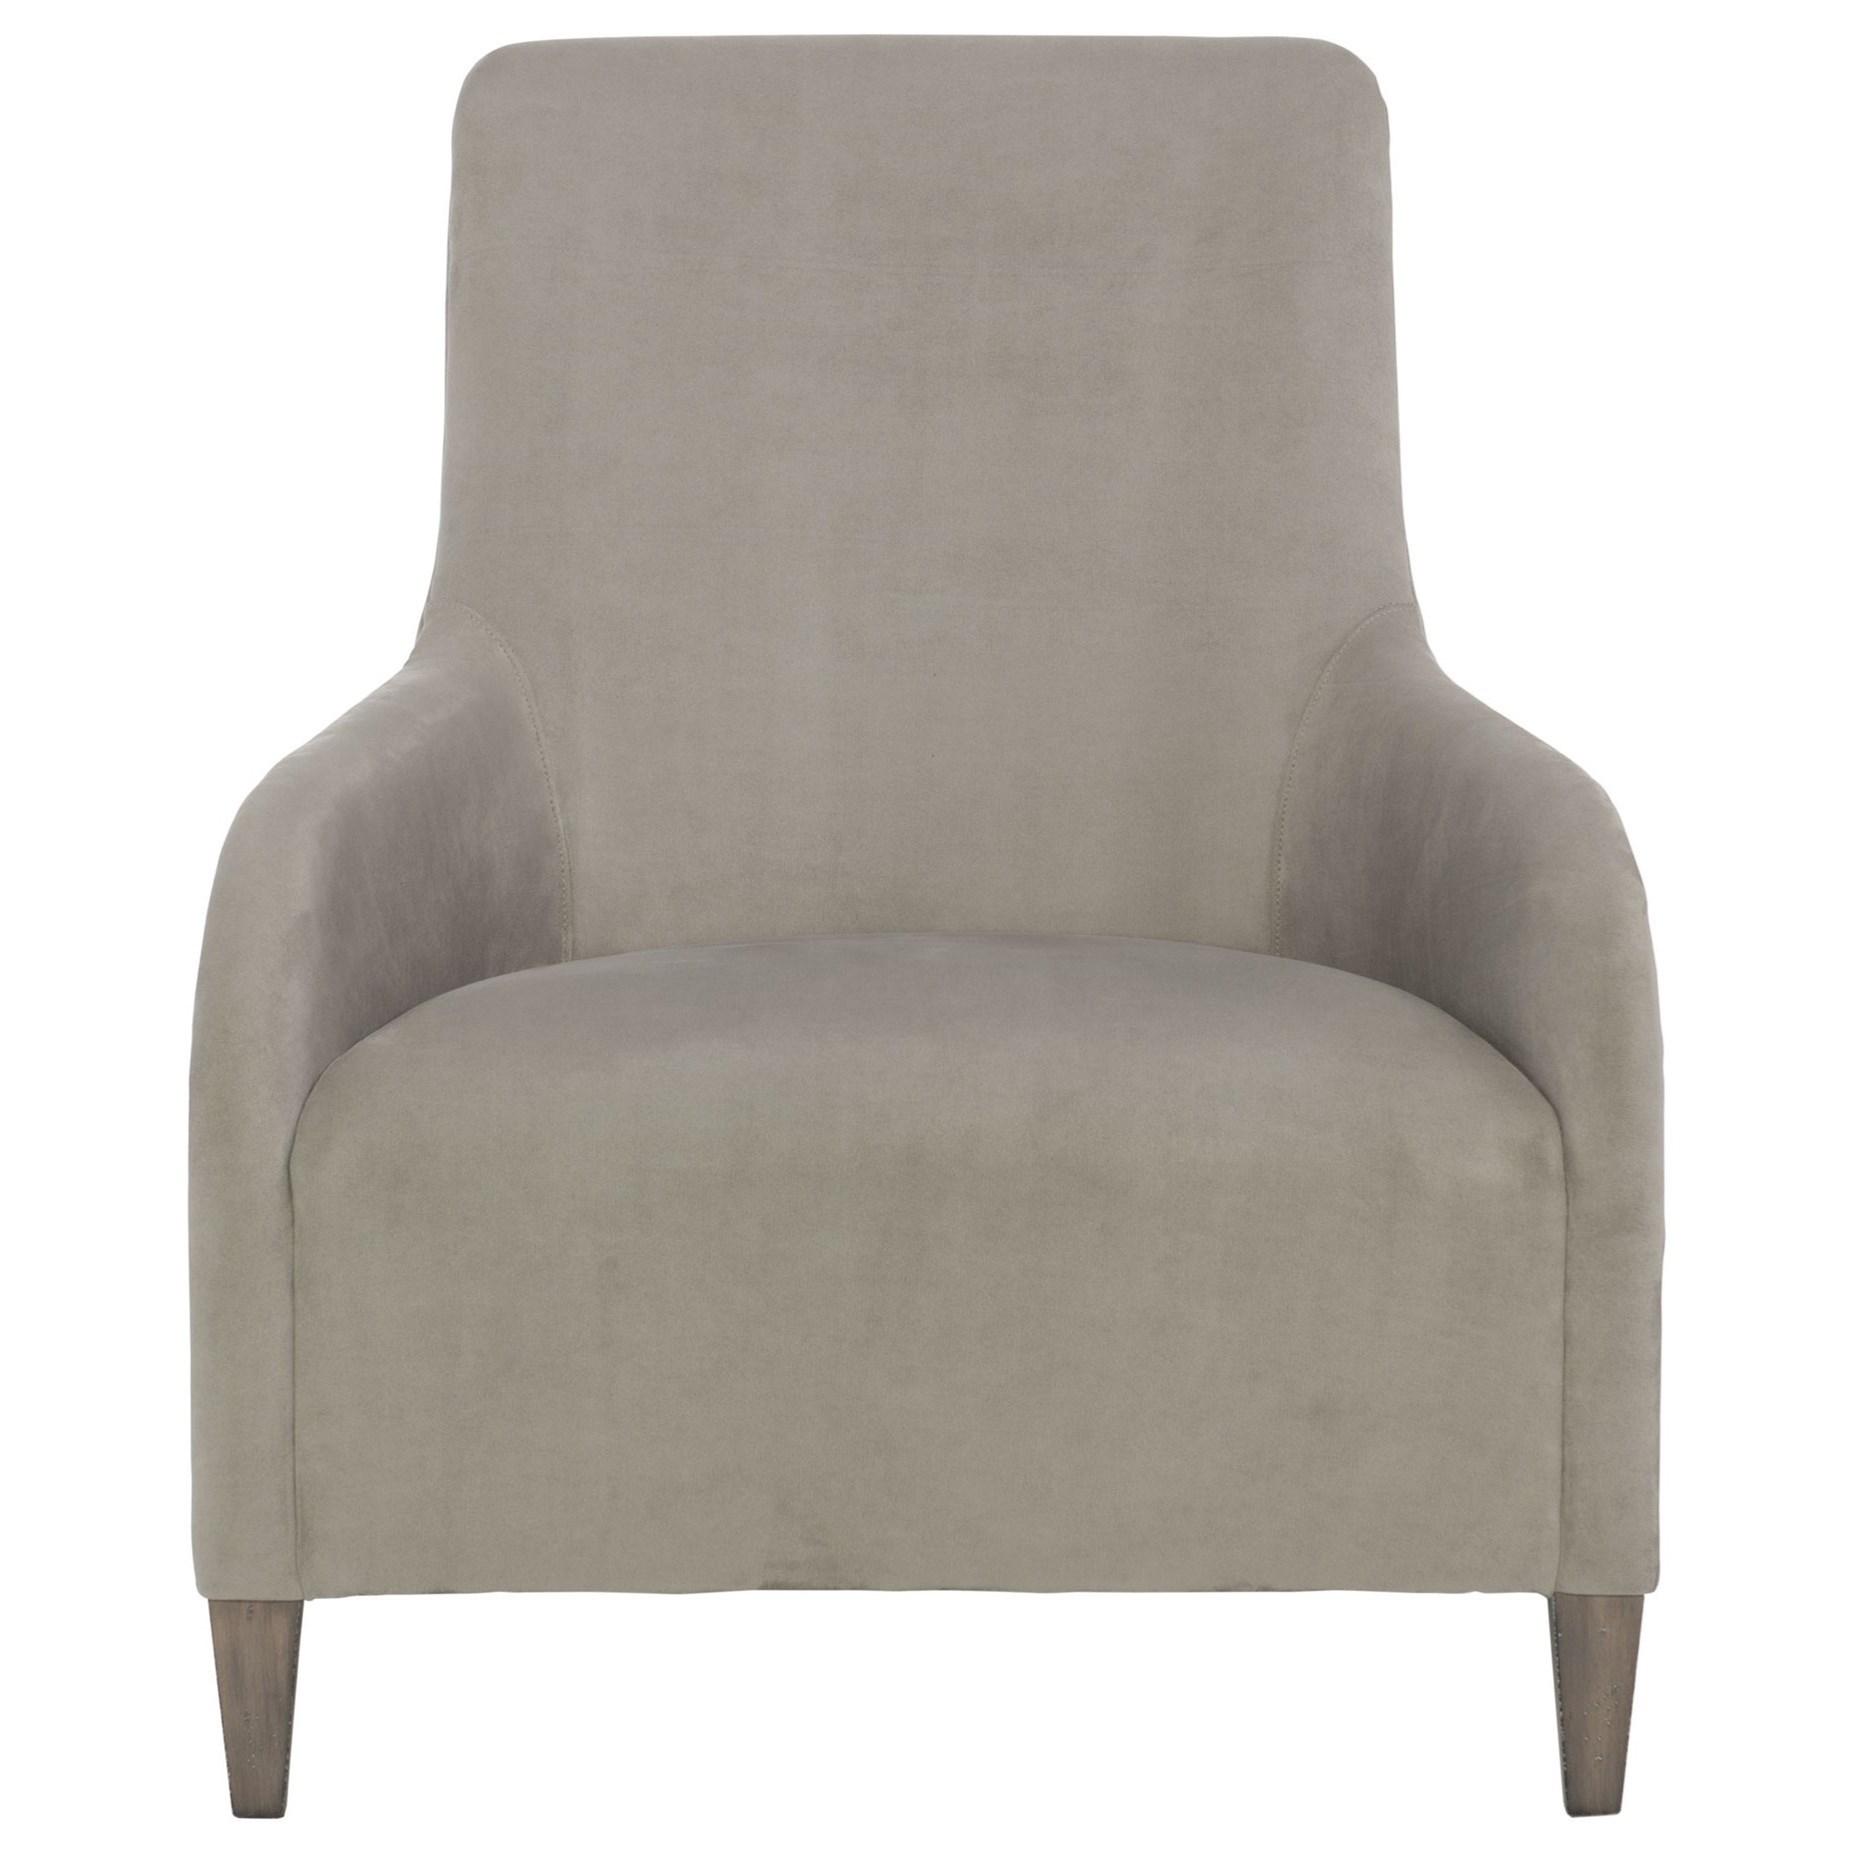 Interiors - Naomi Chair at Williams & Kay